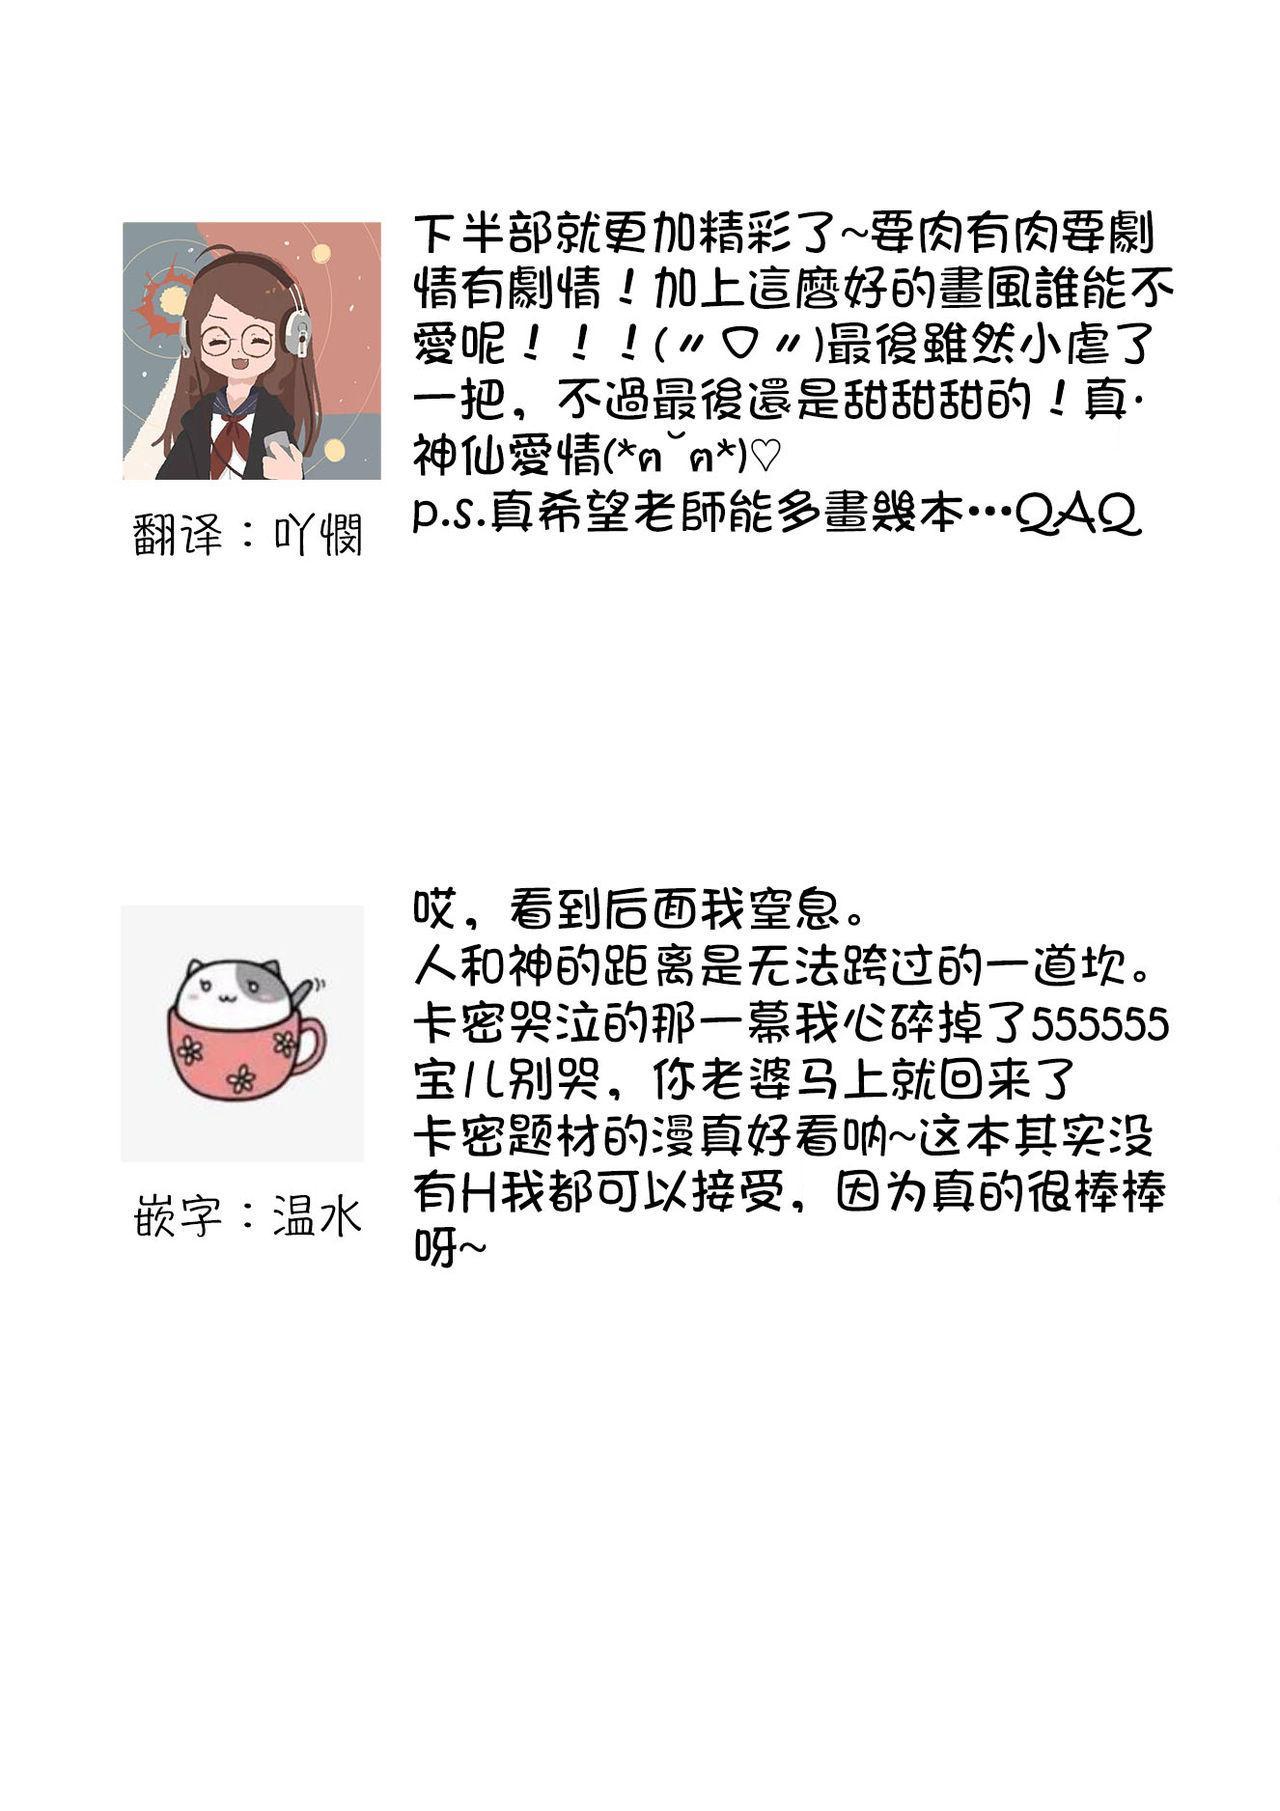 kyosei ranbu itoshi no kamisama ha amayaka ni osu deshita | 嬌聲亂舞 深愛的神明大人甜寵且英勇 73